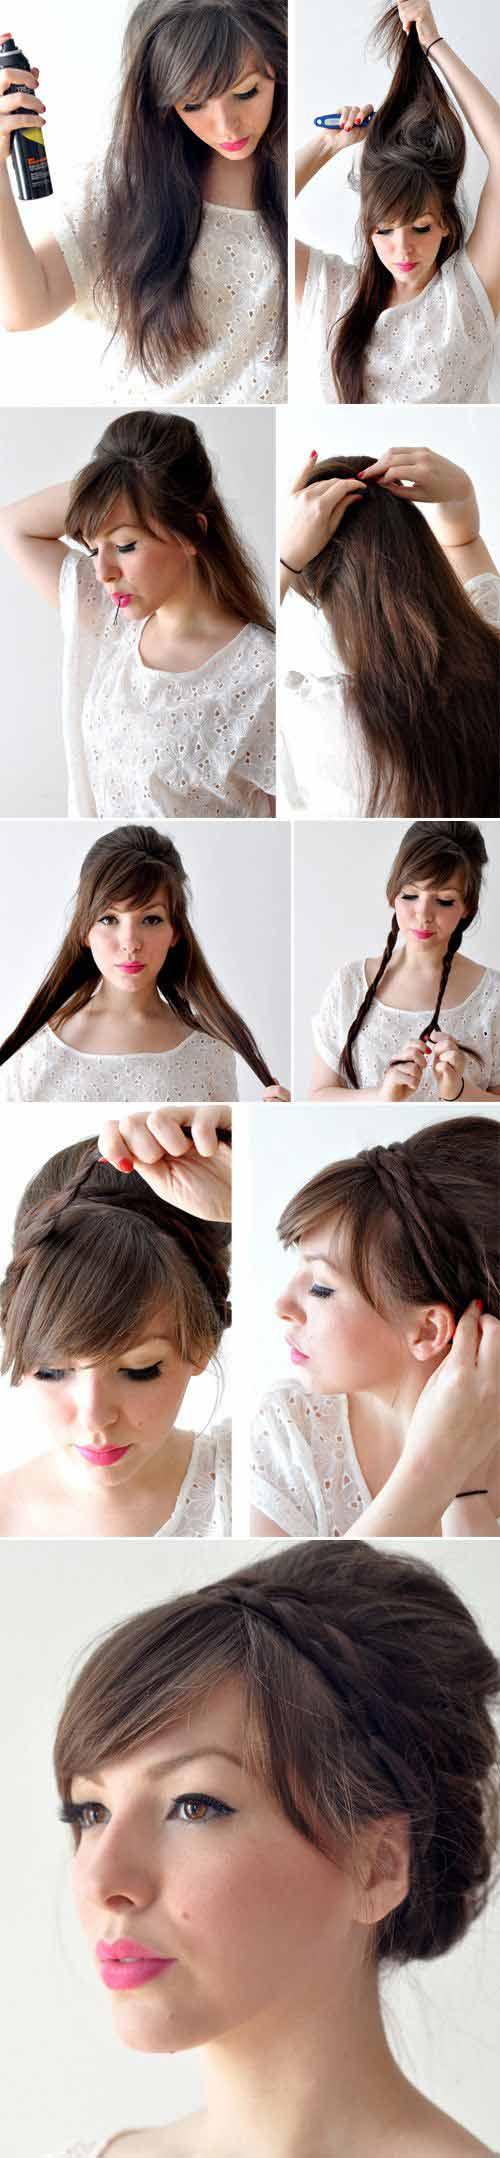 5 kiểu tóc 'cứu' bạn gái ngày đầu bẩn - 4